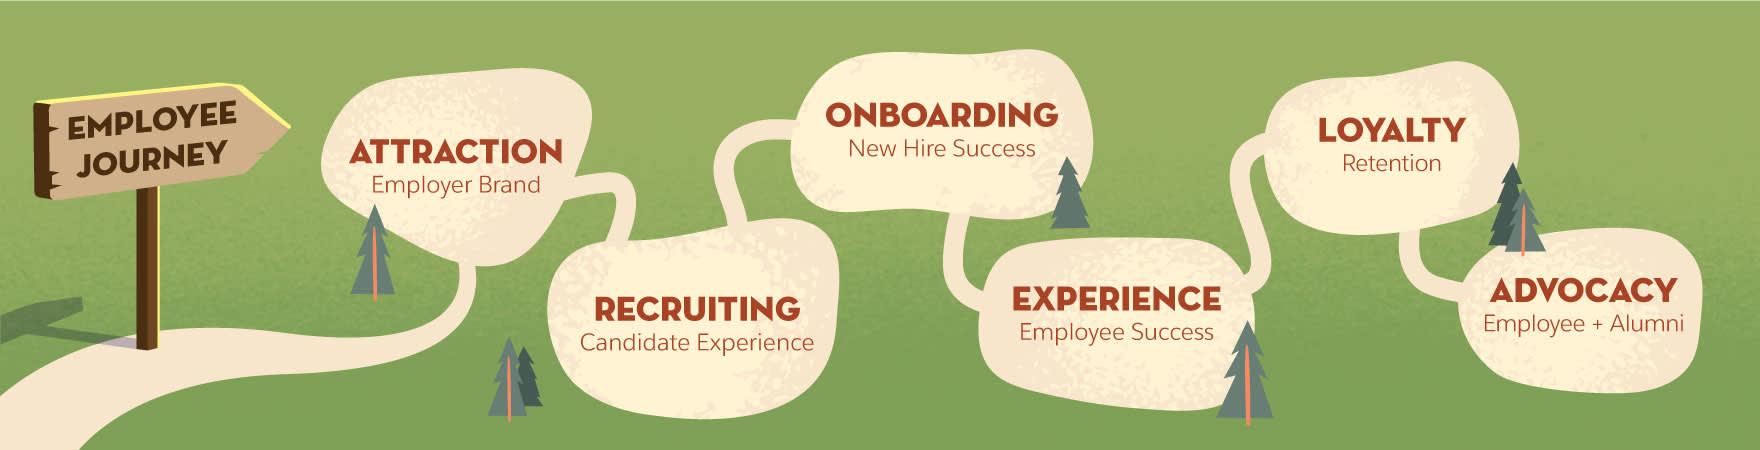 Graphique montrant les étapes de l'itinéraire de l'employé: attirance, recrutement, intégration, expérience, loyauté et promotion.